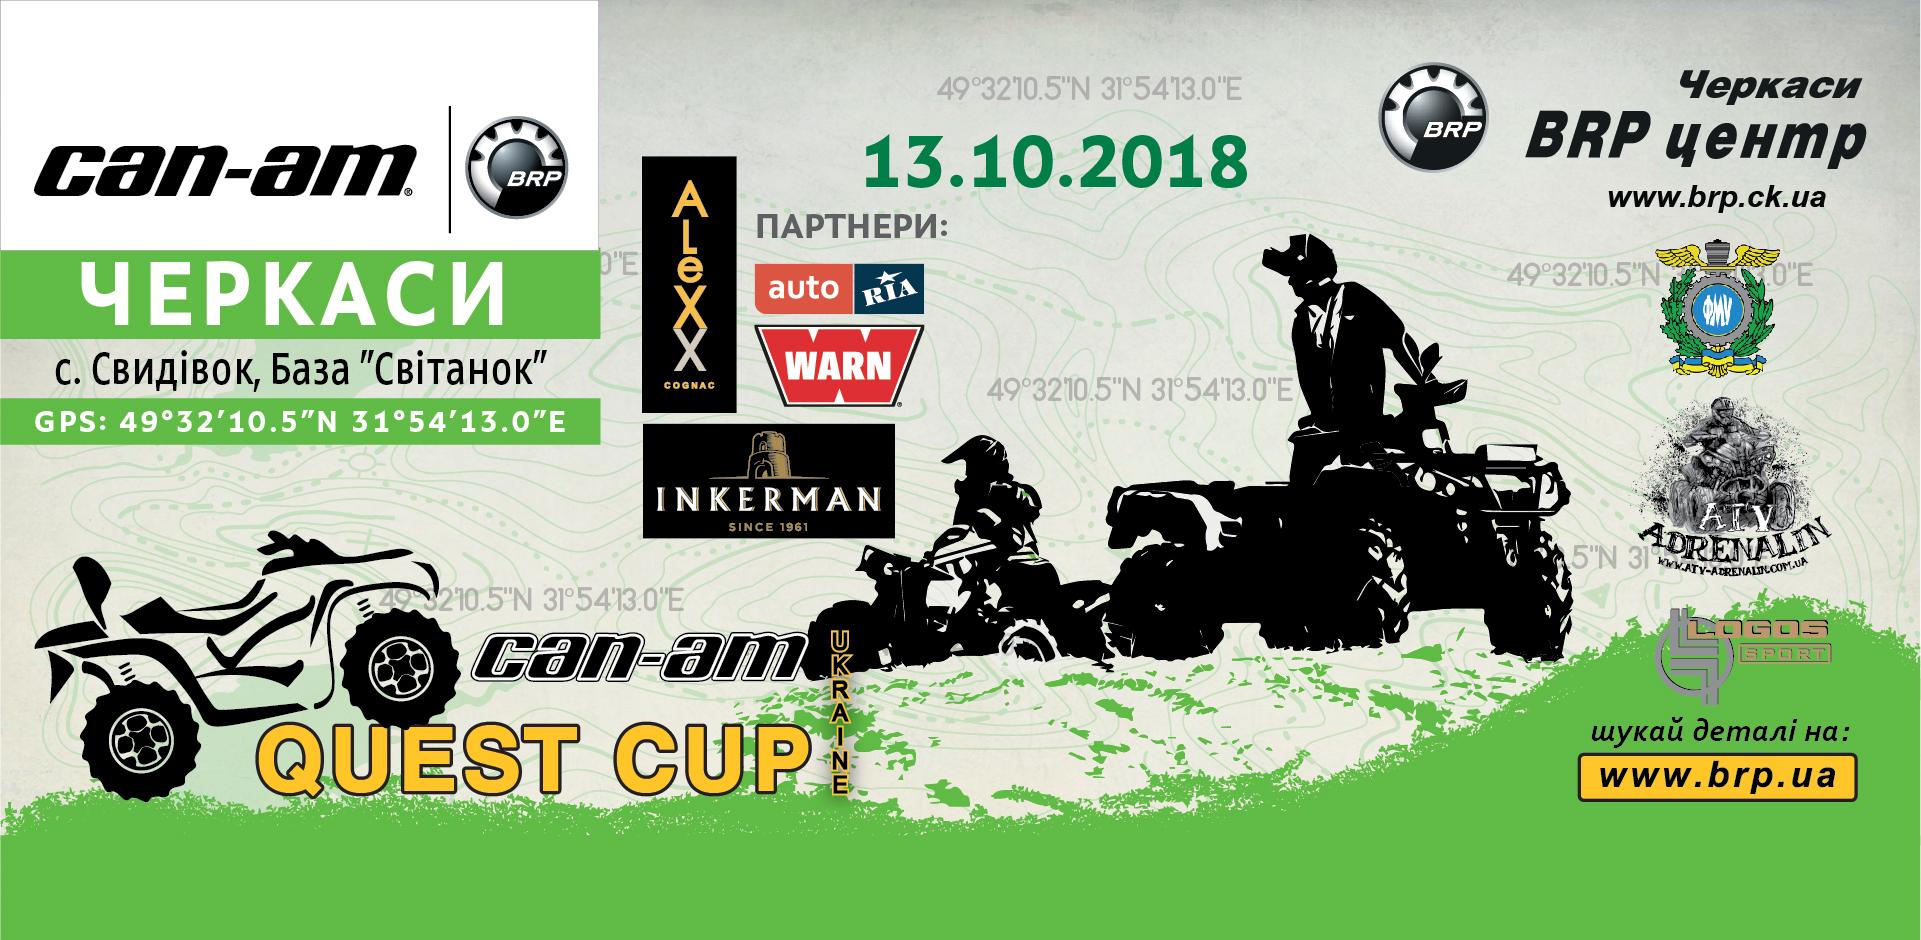 Серия «CAN-AM QUEST CUP 2018». 8-й этап – 13 октября. Черкассы.